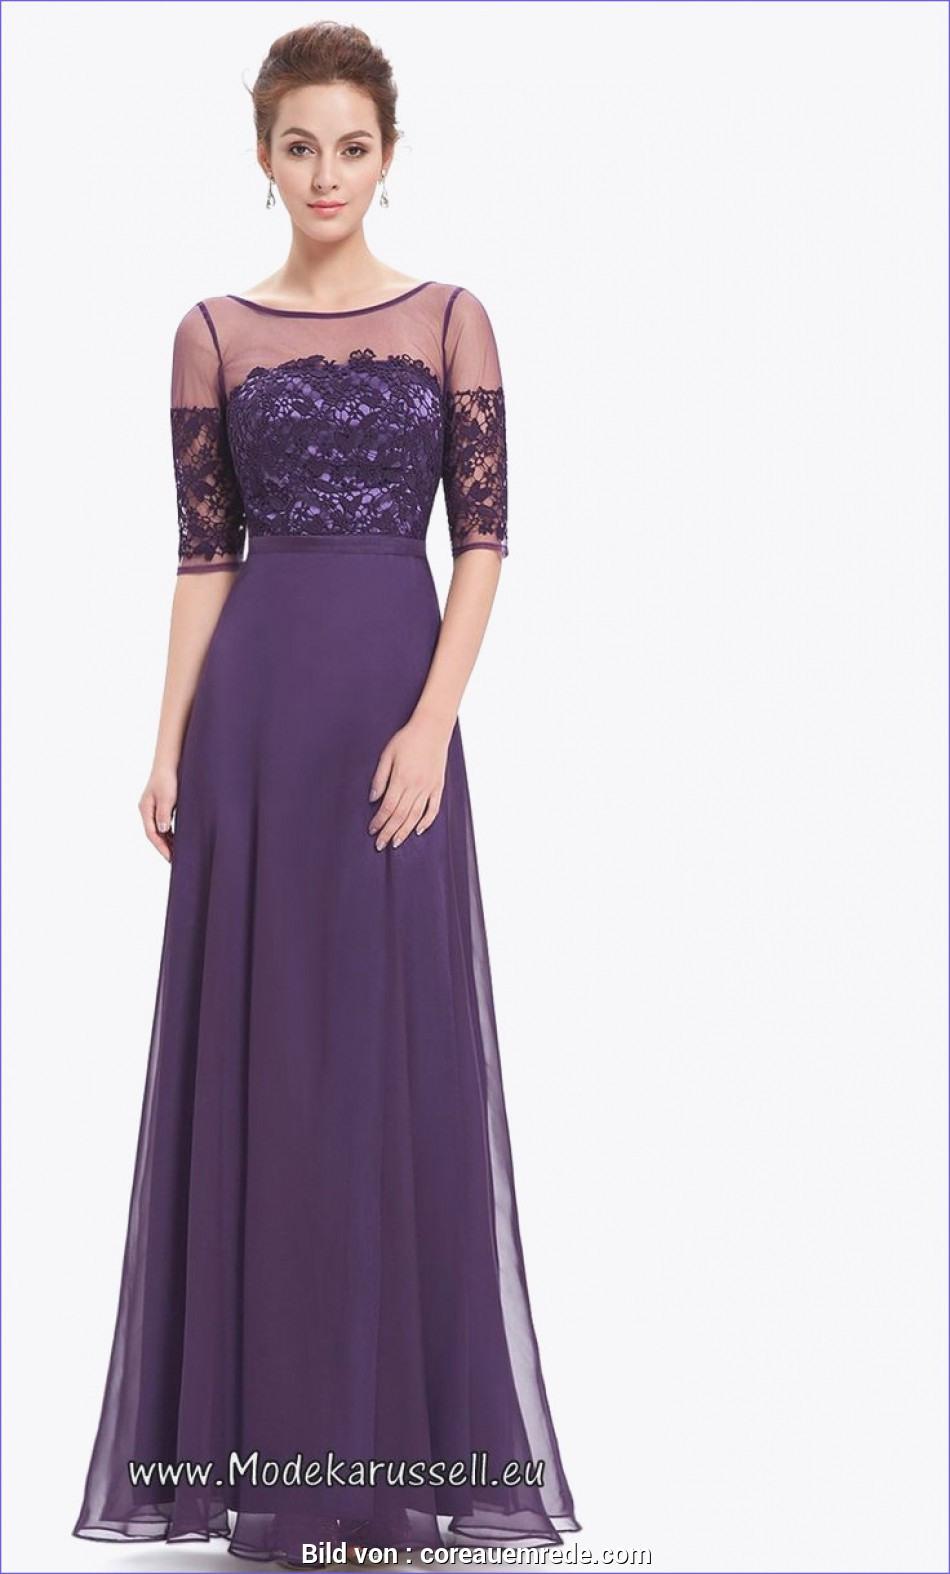 Formal Spektakulär Abendkleid Größe 50 Bester PreisDesigner Cool Abendkleid Größe 50 Spezialgebiet